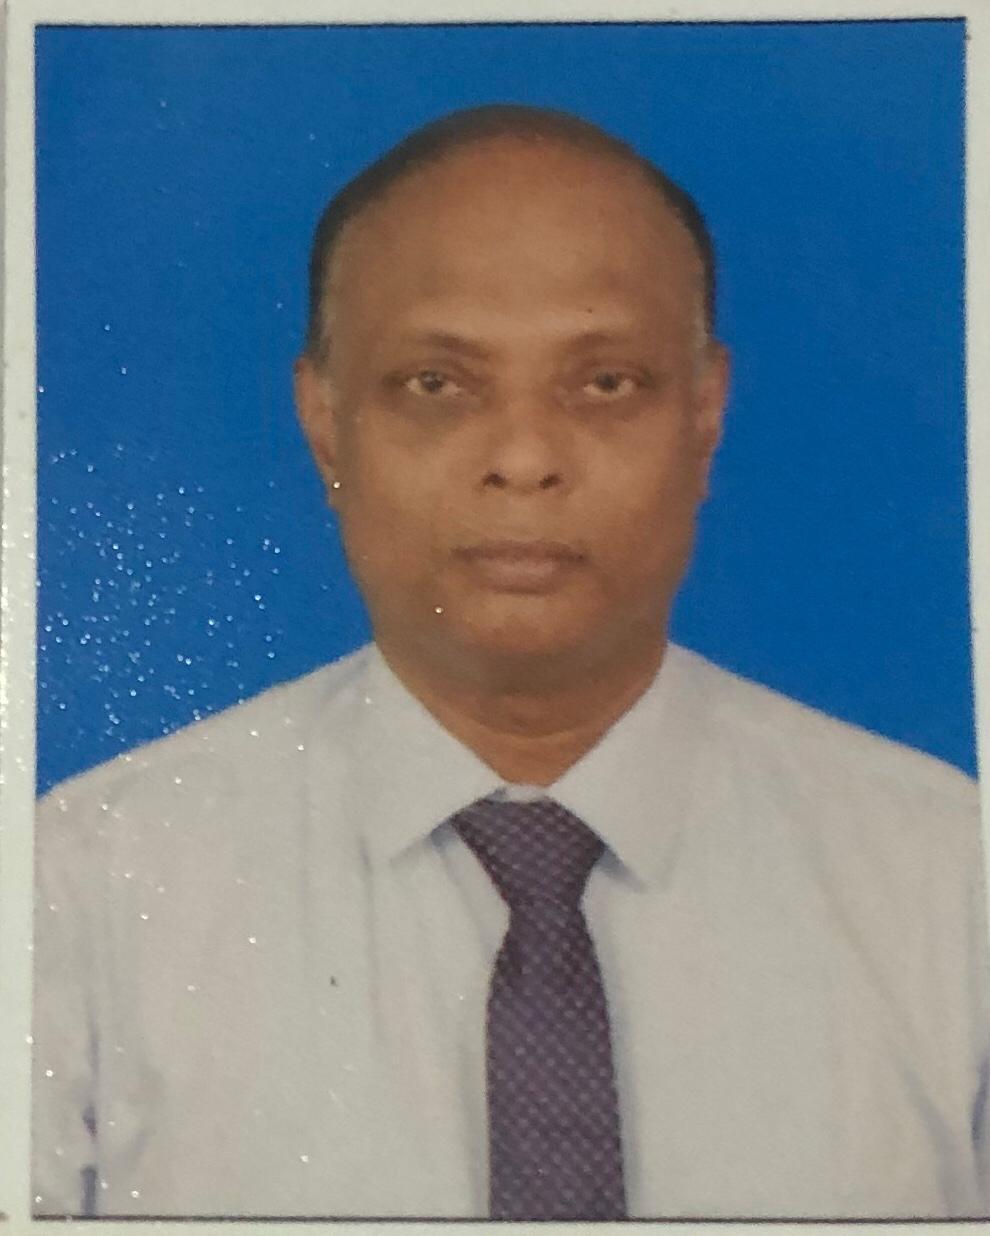 Mr. Sunny Fernandes